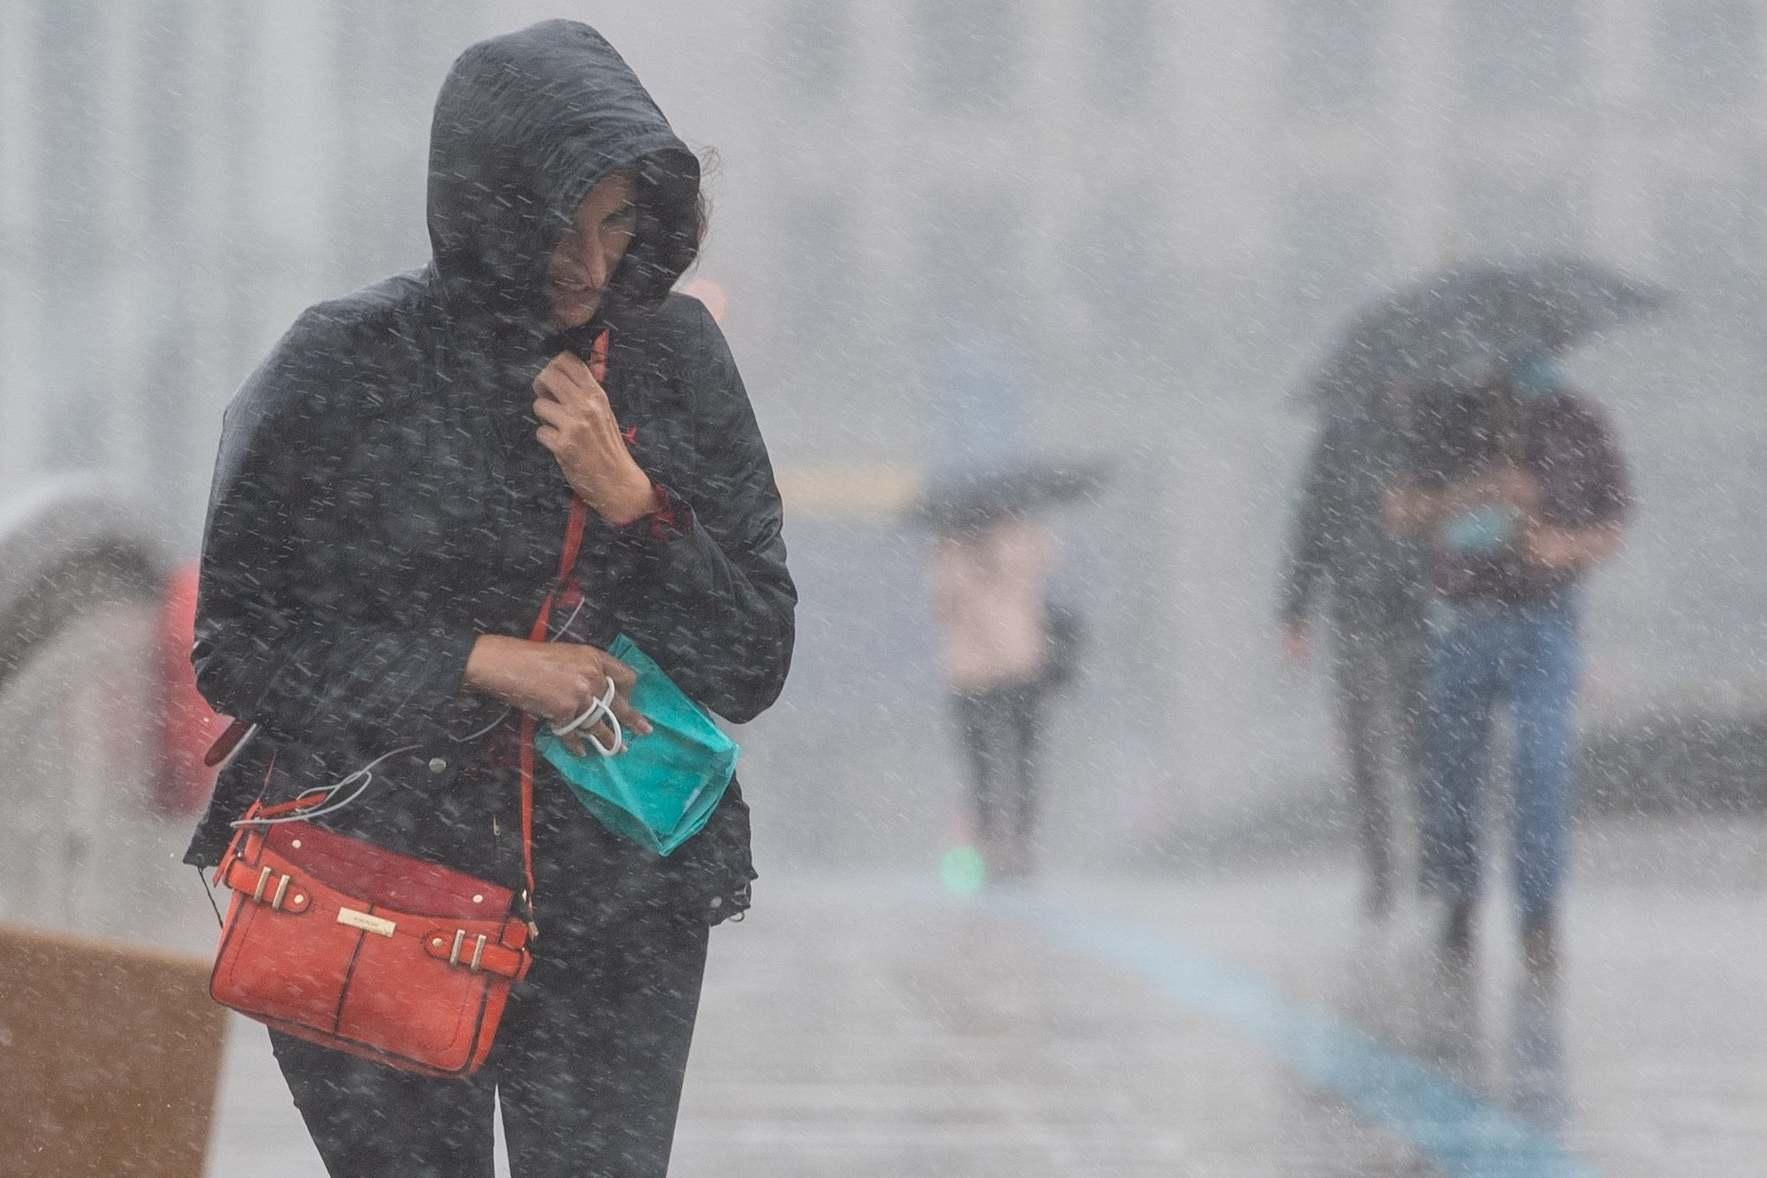 أمطار غزيرة ومتوسطة ورياح.. حالة الطقس اليوم الخميس 28 يناير 2021 ودرجات الحرارة المتوقعة